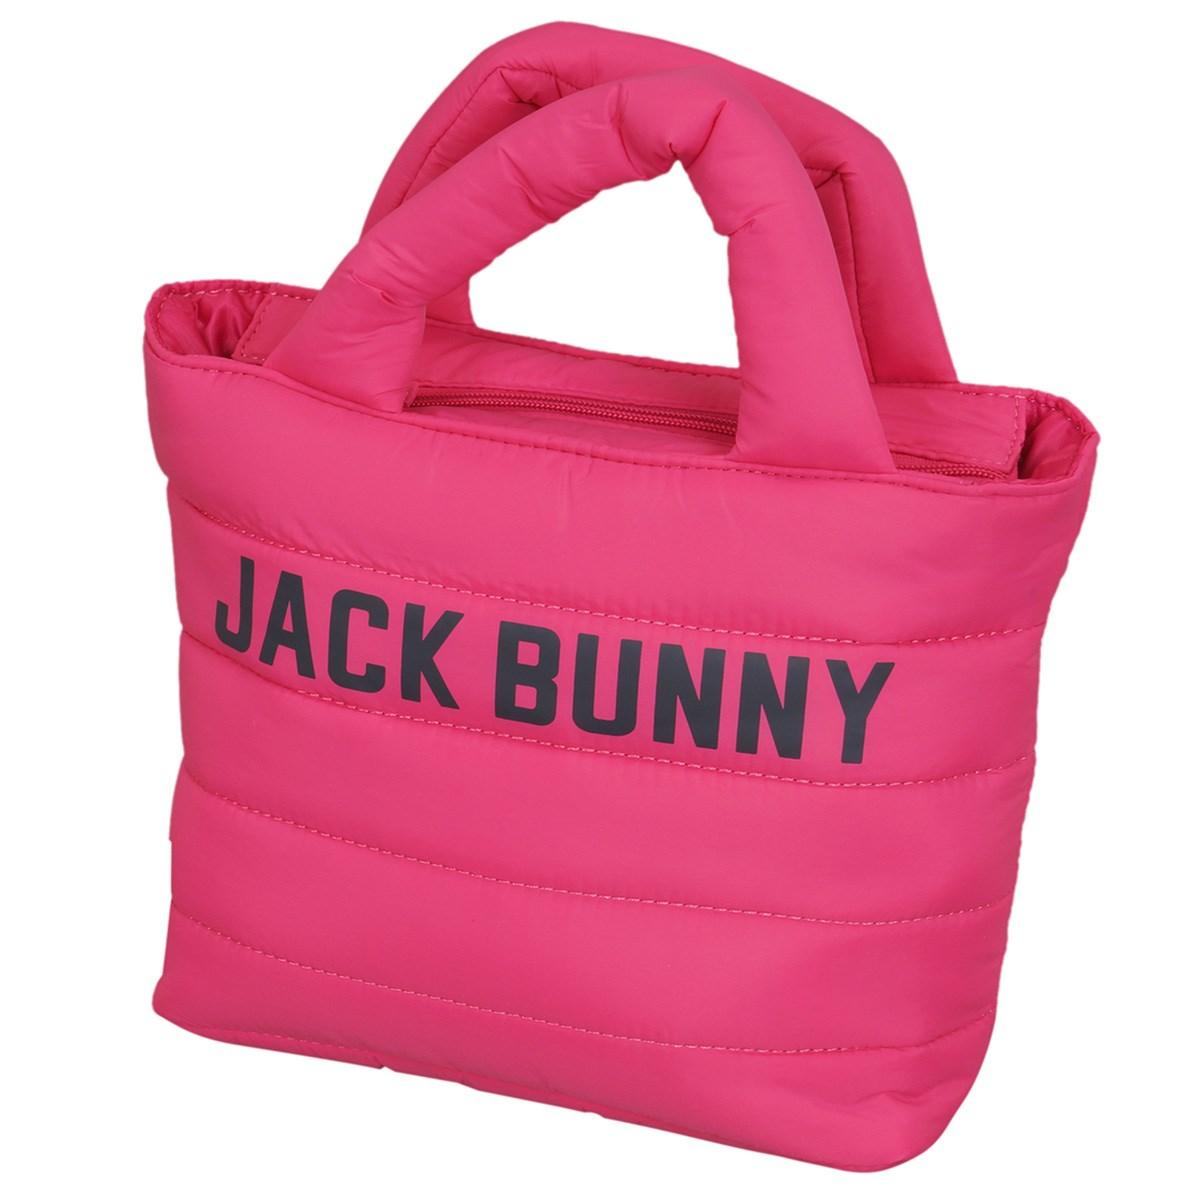 ジャックバニー バイ パーリーゲイツ 中綿キルティングカートバッグ